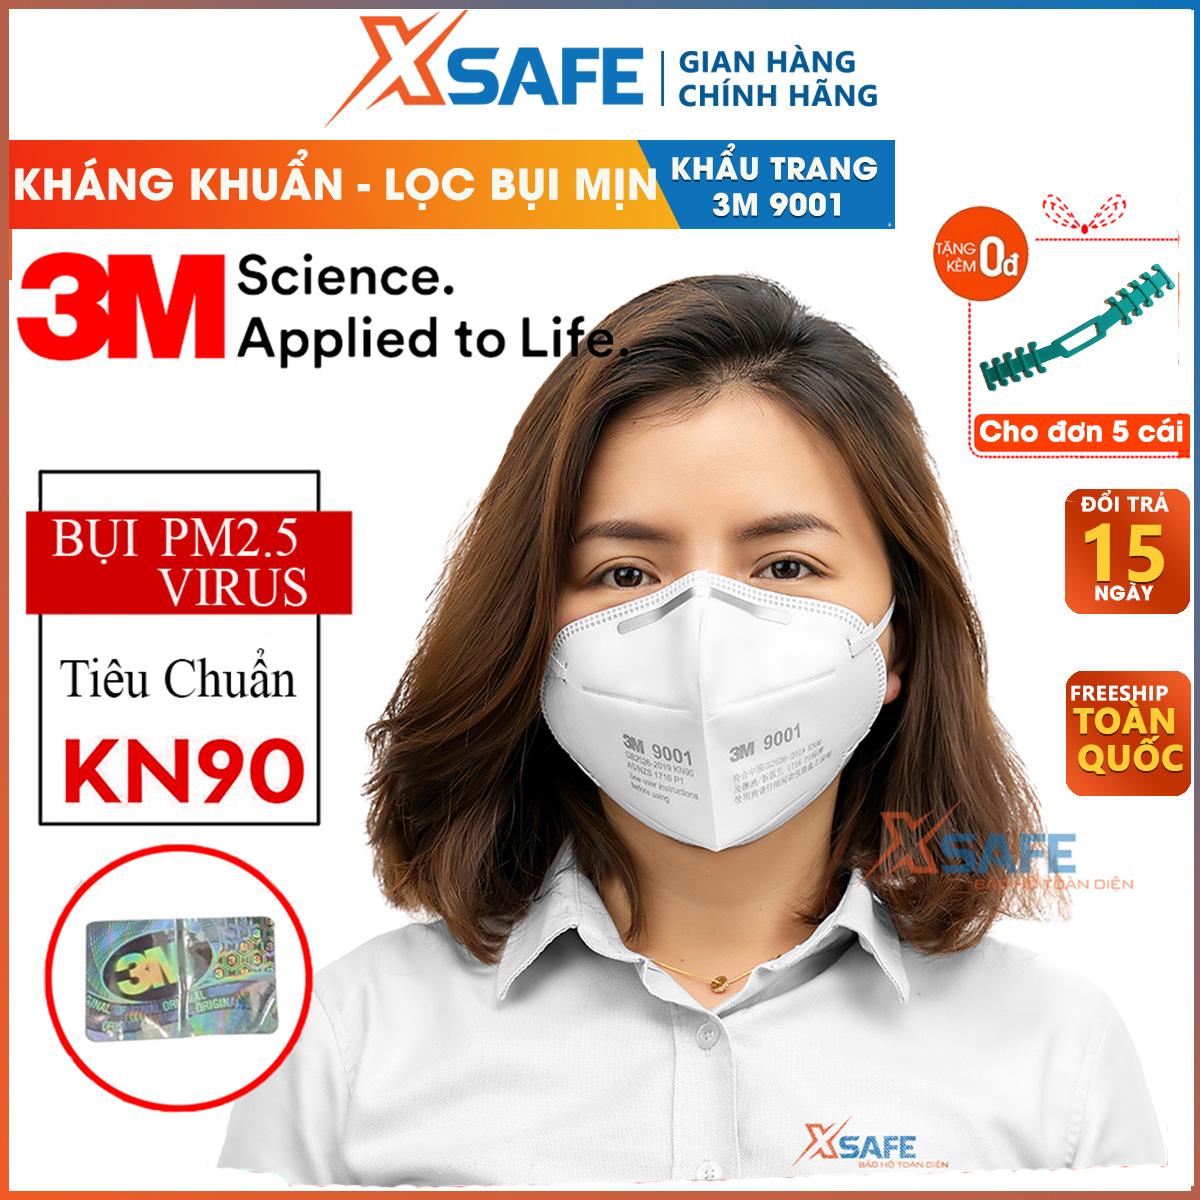 Khẩu trang y tế 3M 9001A Khẩu trang 3D 4 lớp kháng viruss, chống bụi mịn, phòng dịch, khẩu trang 3M vải không dệt chính hãng - sản phẩm chính hãng [XSAFE]